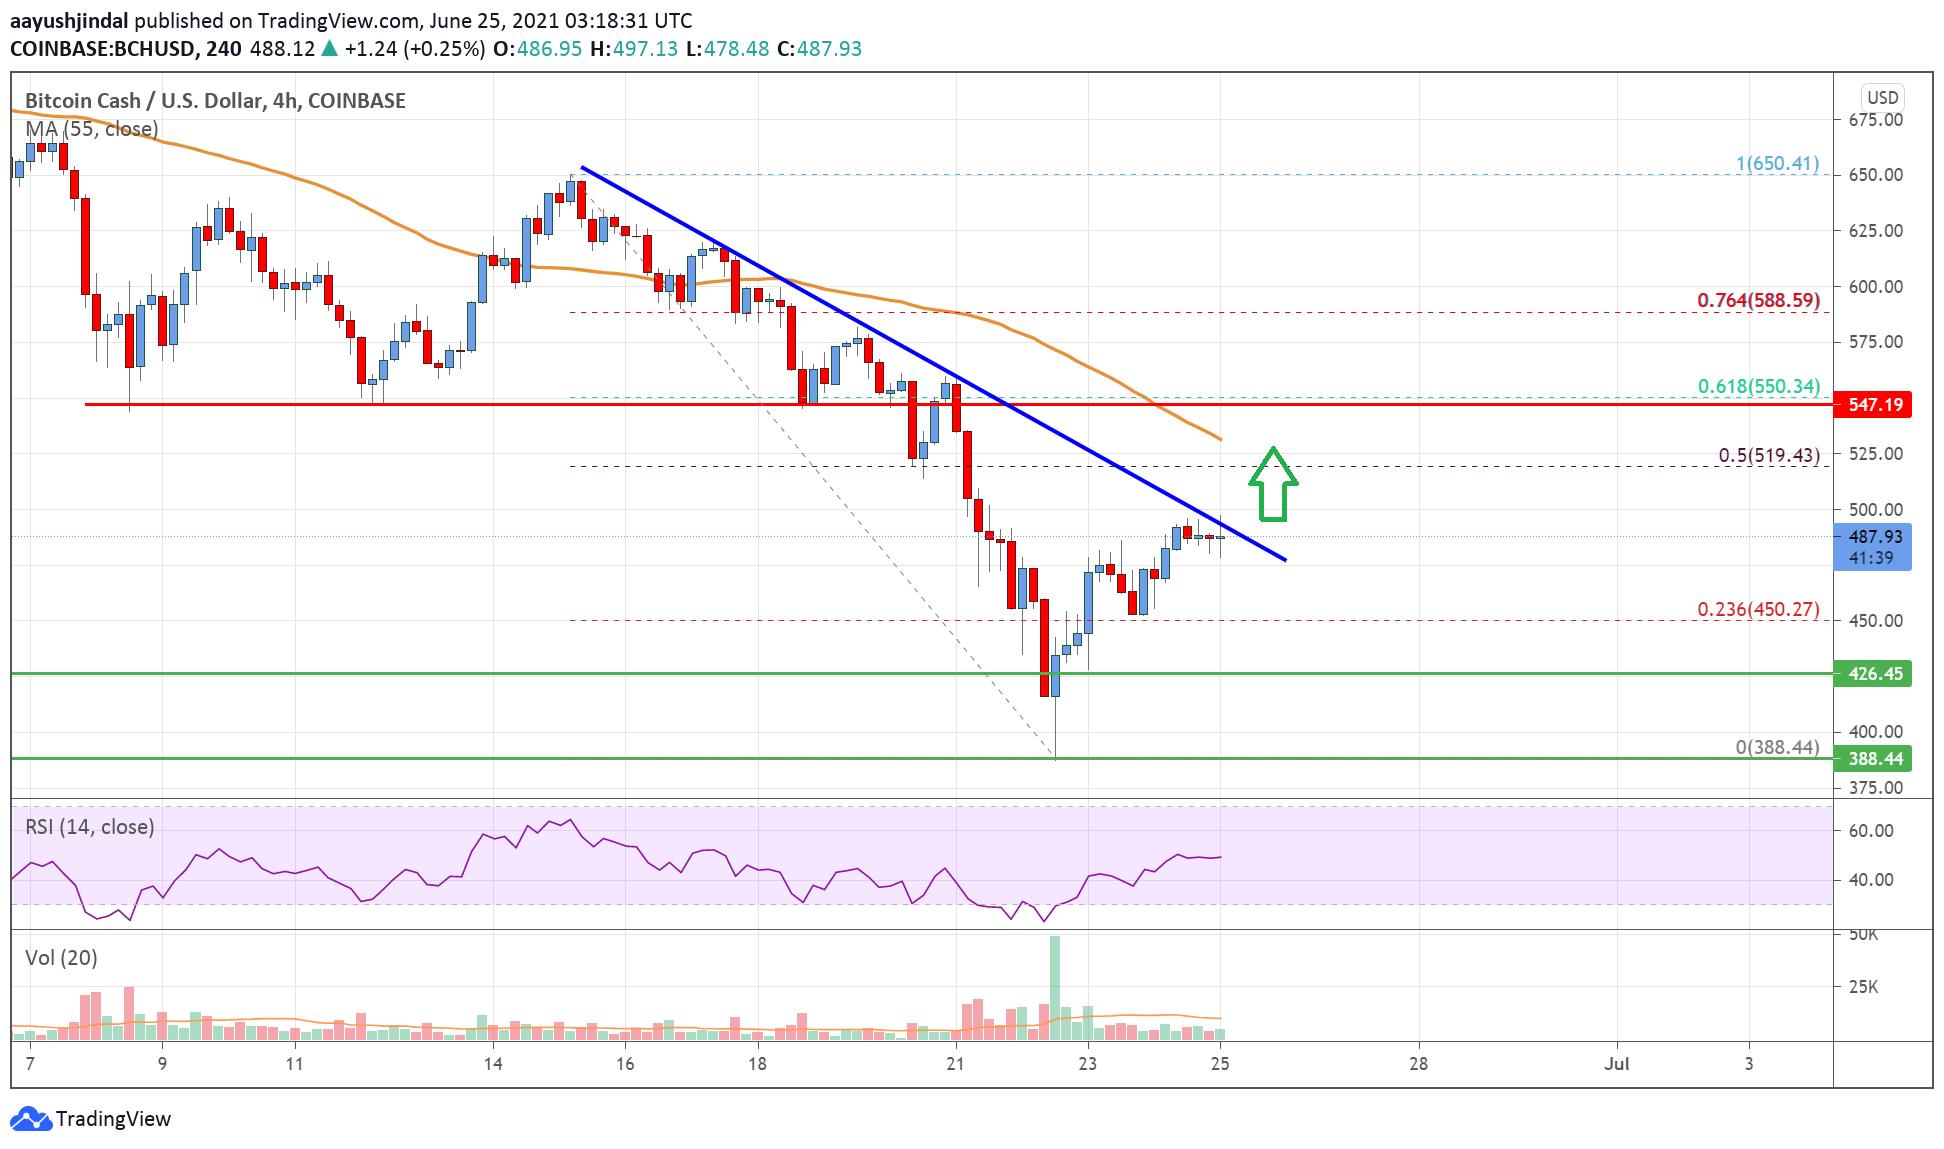 Bitcoin Cash Analysis: Bulls Eye Upside Break above $500 | Live Bitcoin News